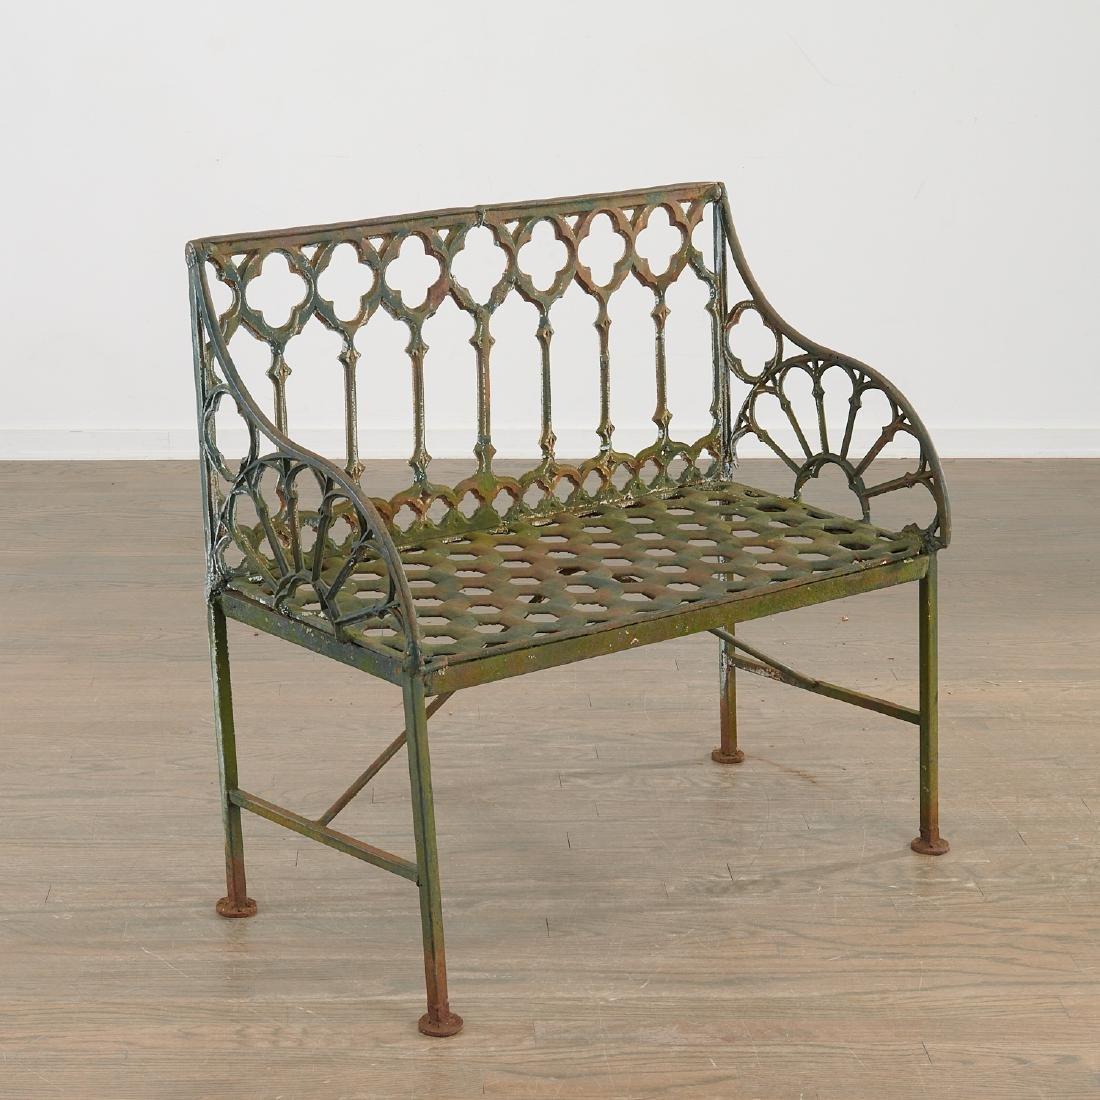 Gothick cast iron garden bench